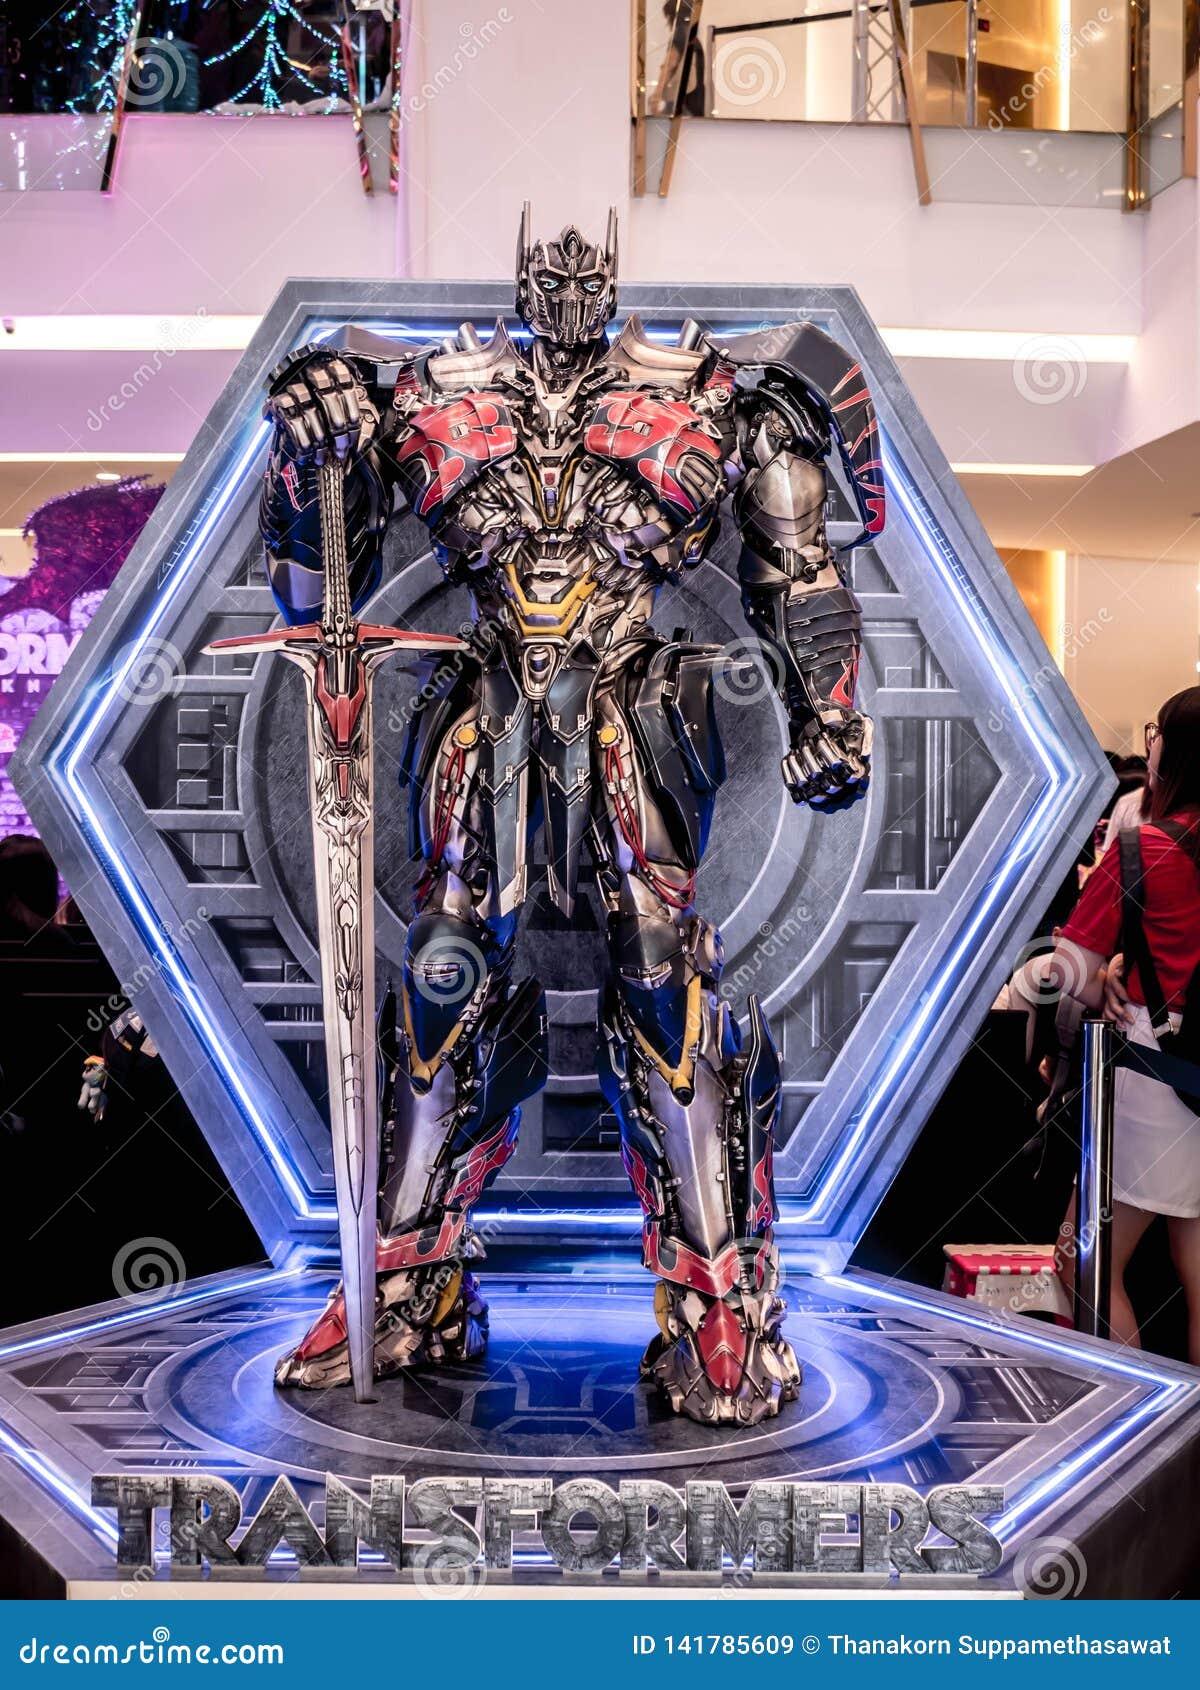 Bangkok Thailand - Juni 15, 2017: Optimus som är främsta från transformatorerna: Den sista riddaren Det är den femte amorteringen